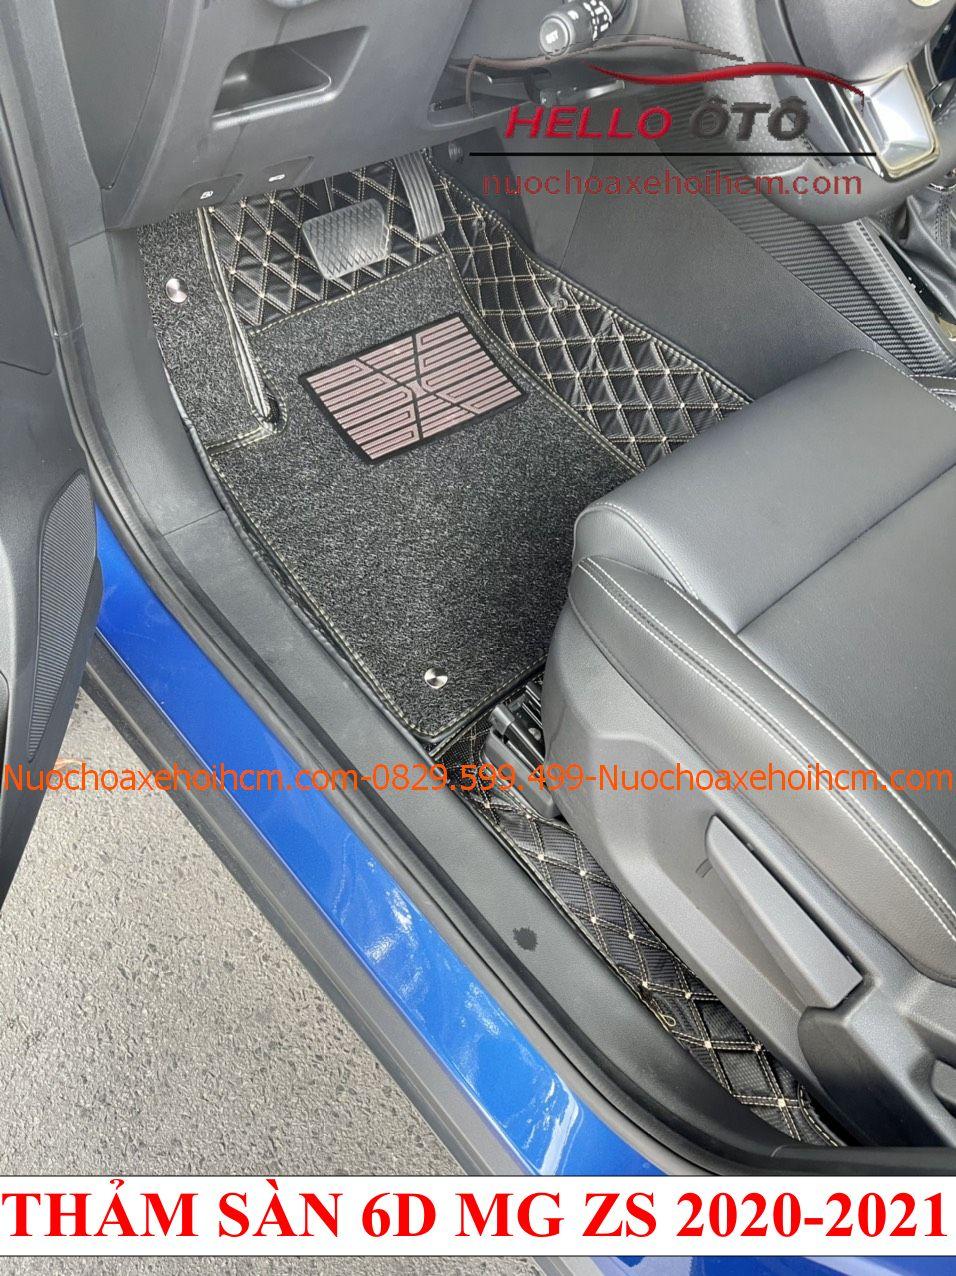 Thảm lót sàn ô tô 6D MG ZS 2020-2021